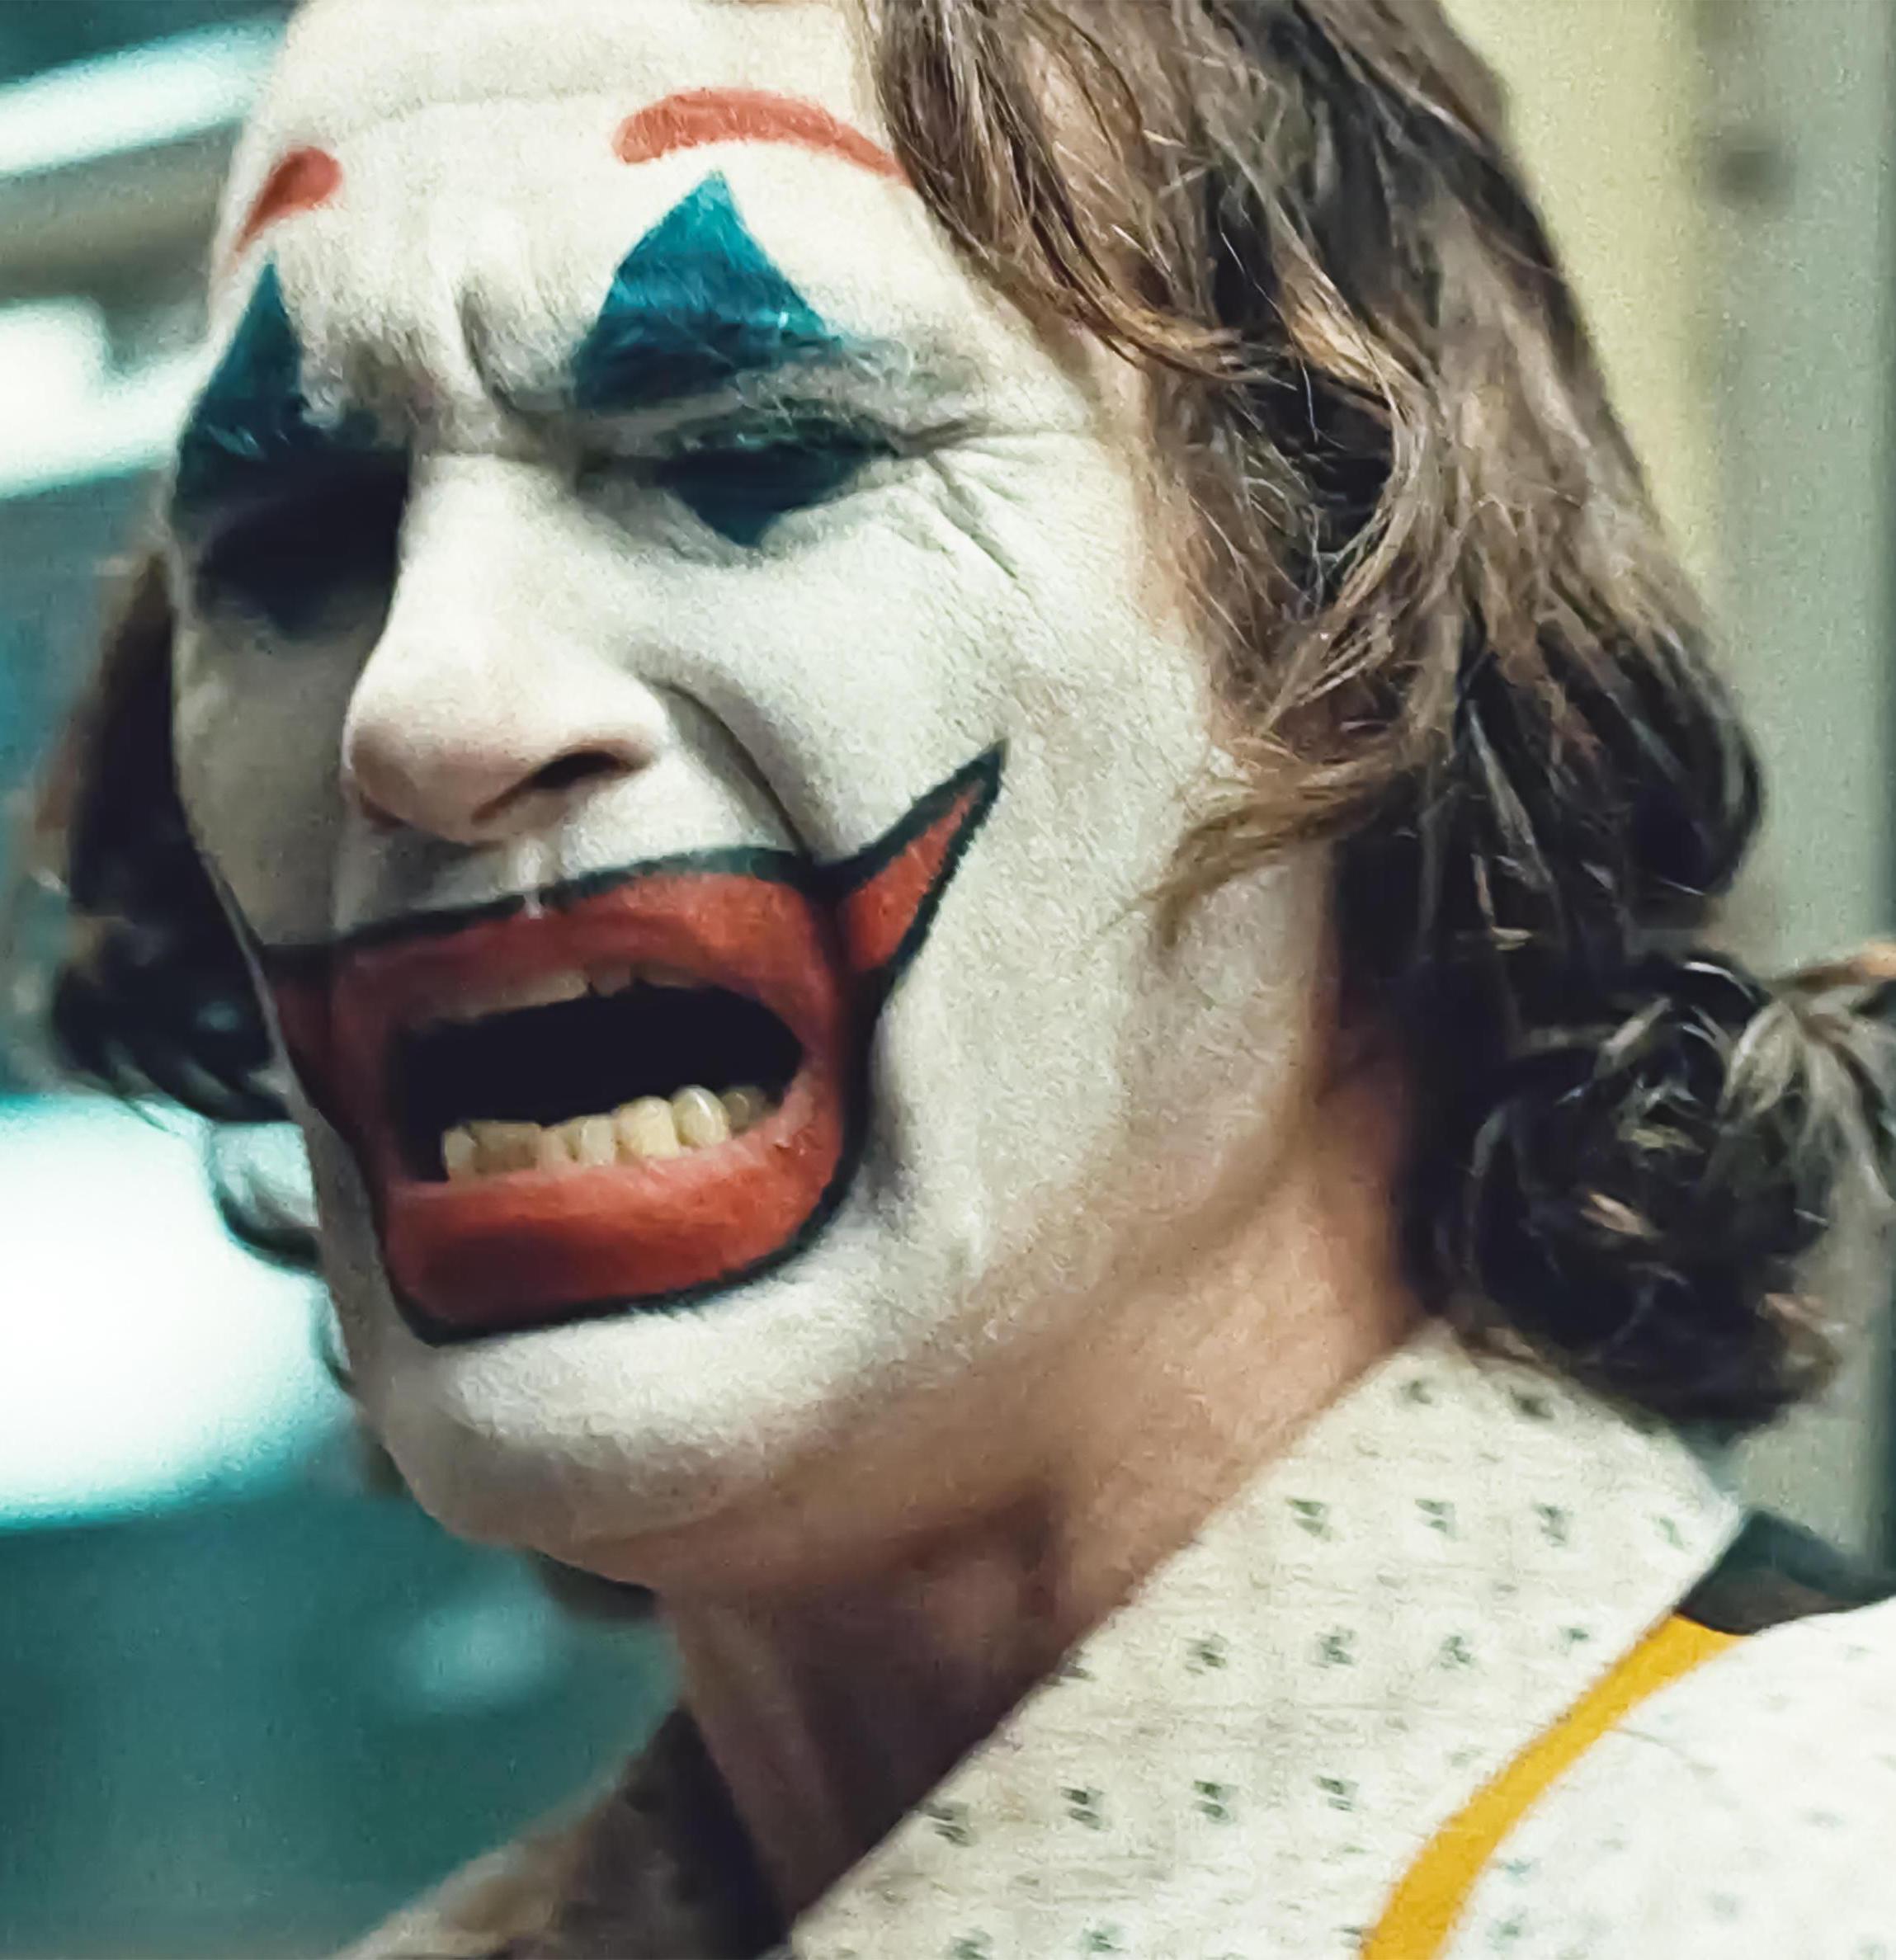 NINTCHDBPICT000519469892 2 The 20 Biggest Ways Joker Breaks the Superhero Mold